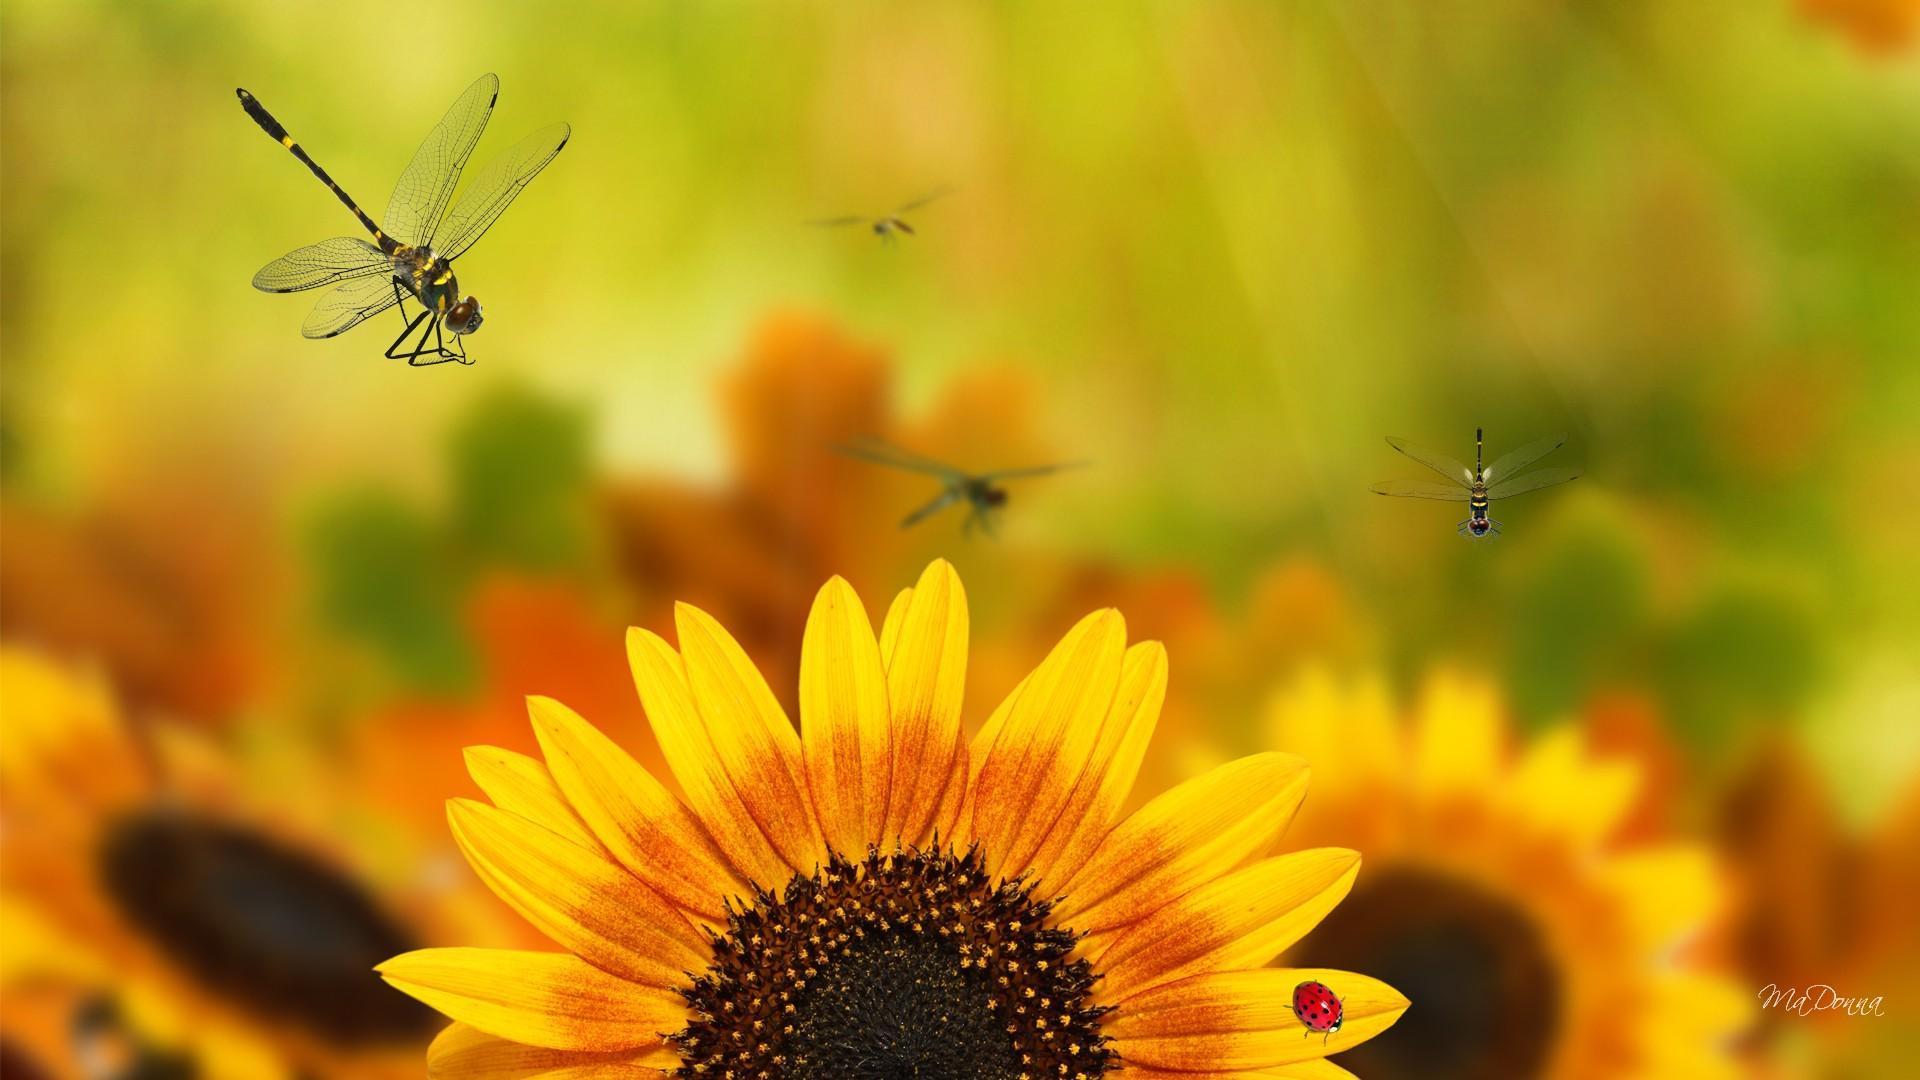 Disney Princess 3d Wallpaper Funflower Sonnenblumen Hd Desktop Hintergrund Breitbild